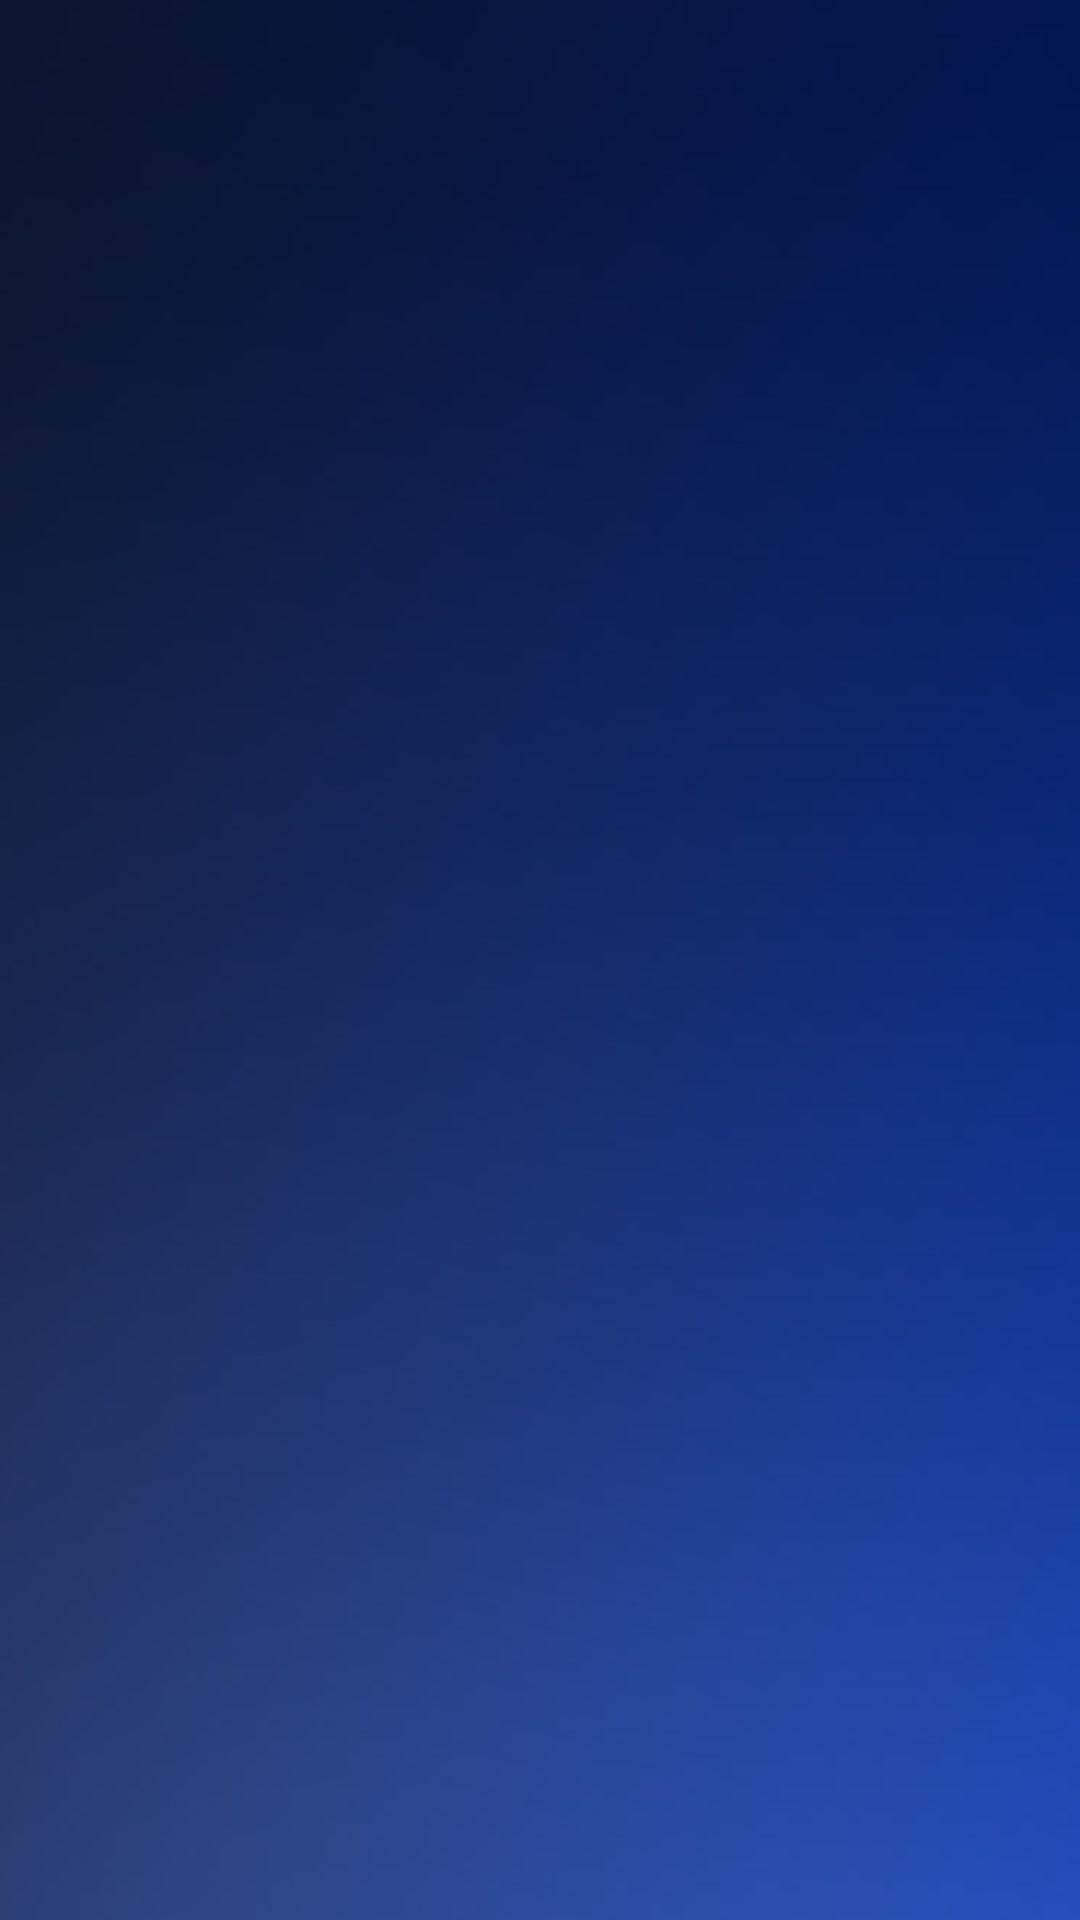 Res: 1080x1920, Pure Dark Blue Ocean Gradation Blur Background iPhone 6 wallpaper